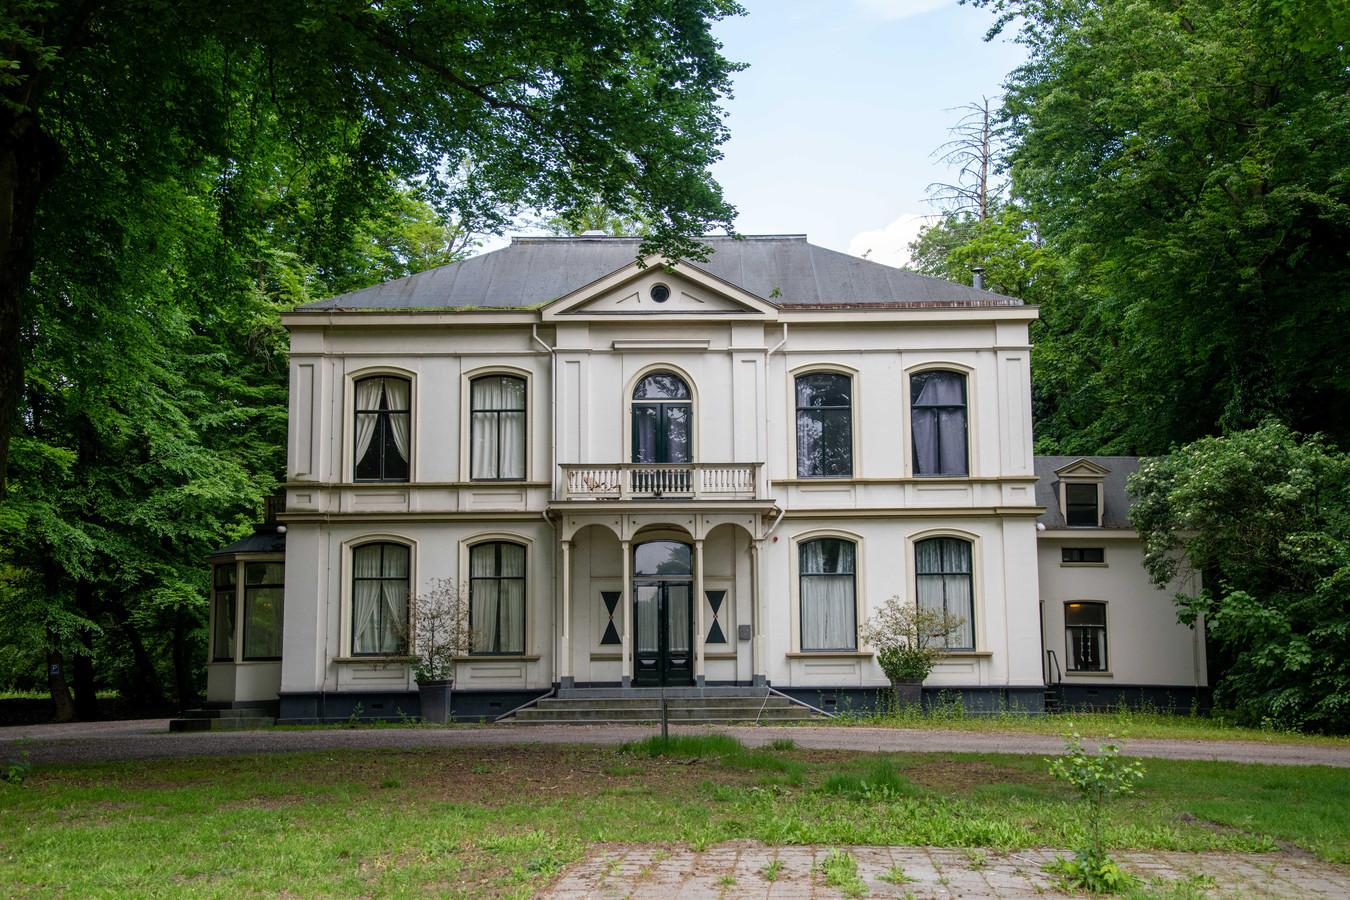 De villa op landgoed De Grote Bunte in Nunspeet. Ook dat pand wordt gebruikt voor de huisvesting van arbeidsmigranten.